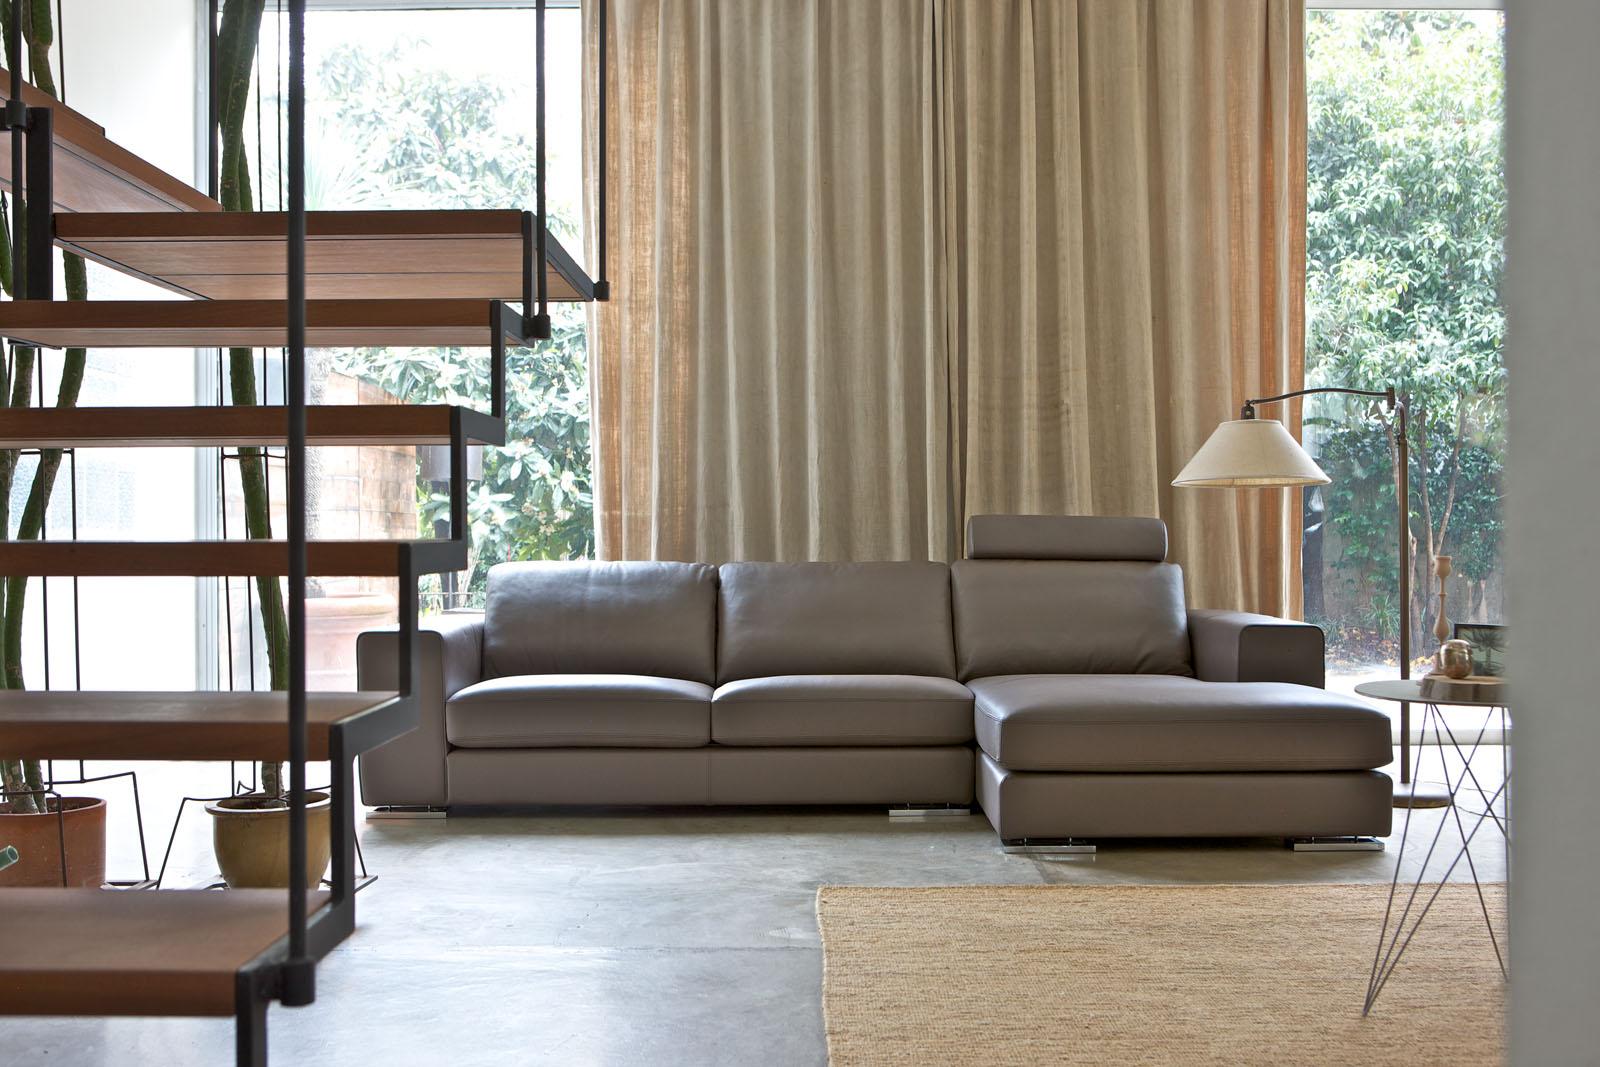 Divani e divani letto su misura divani su misura in pelle for Divani e divani pelle